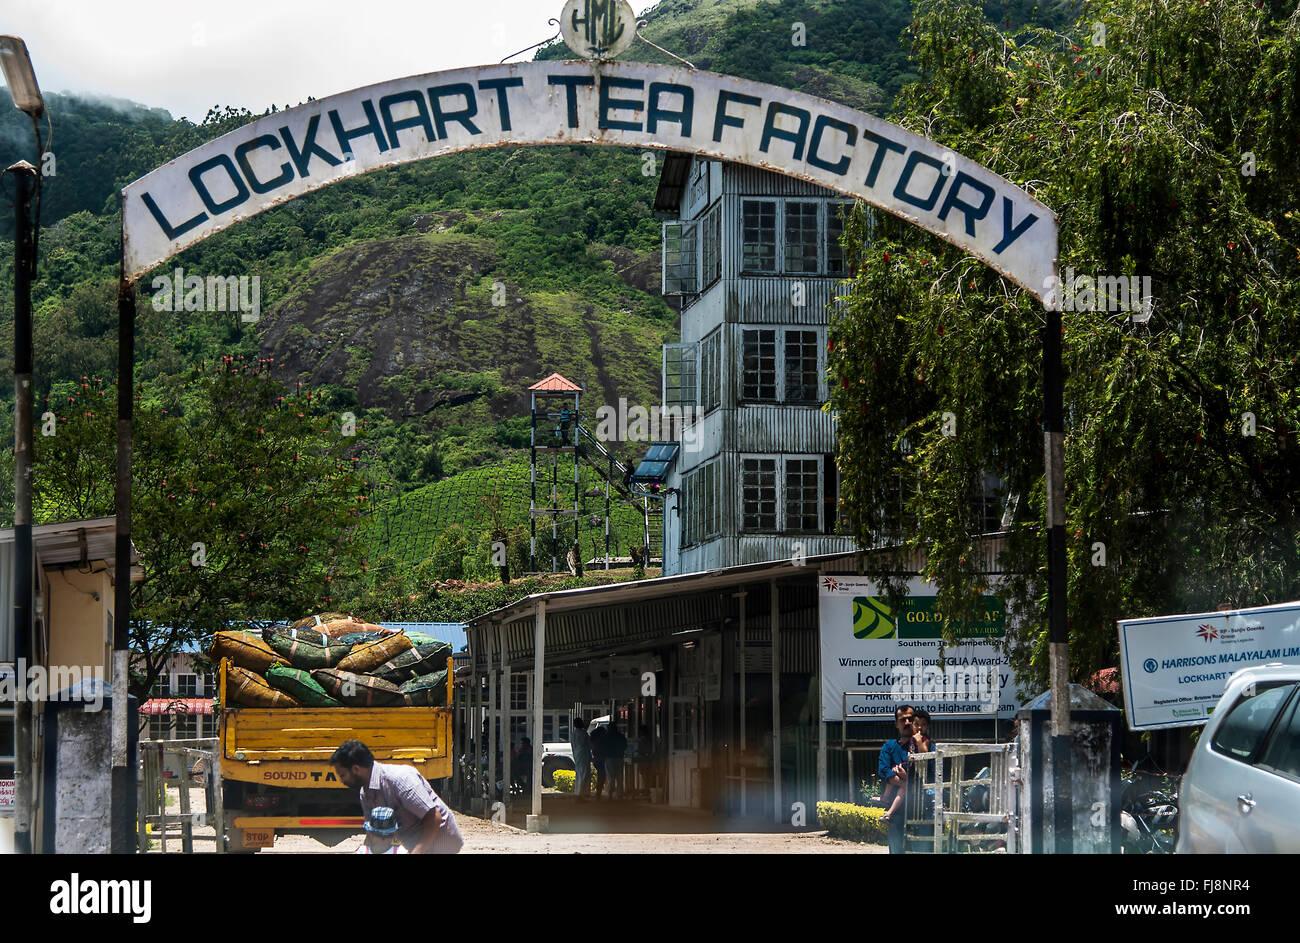 Lockhart tea factory, munnar, kerala, india, asia - Stock Image